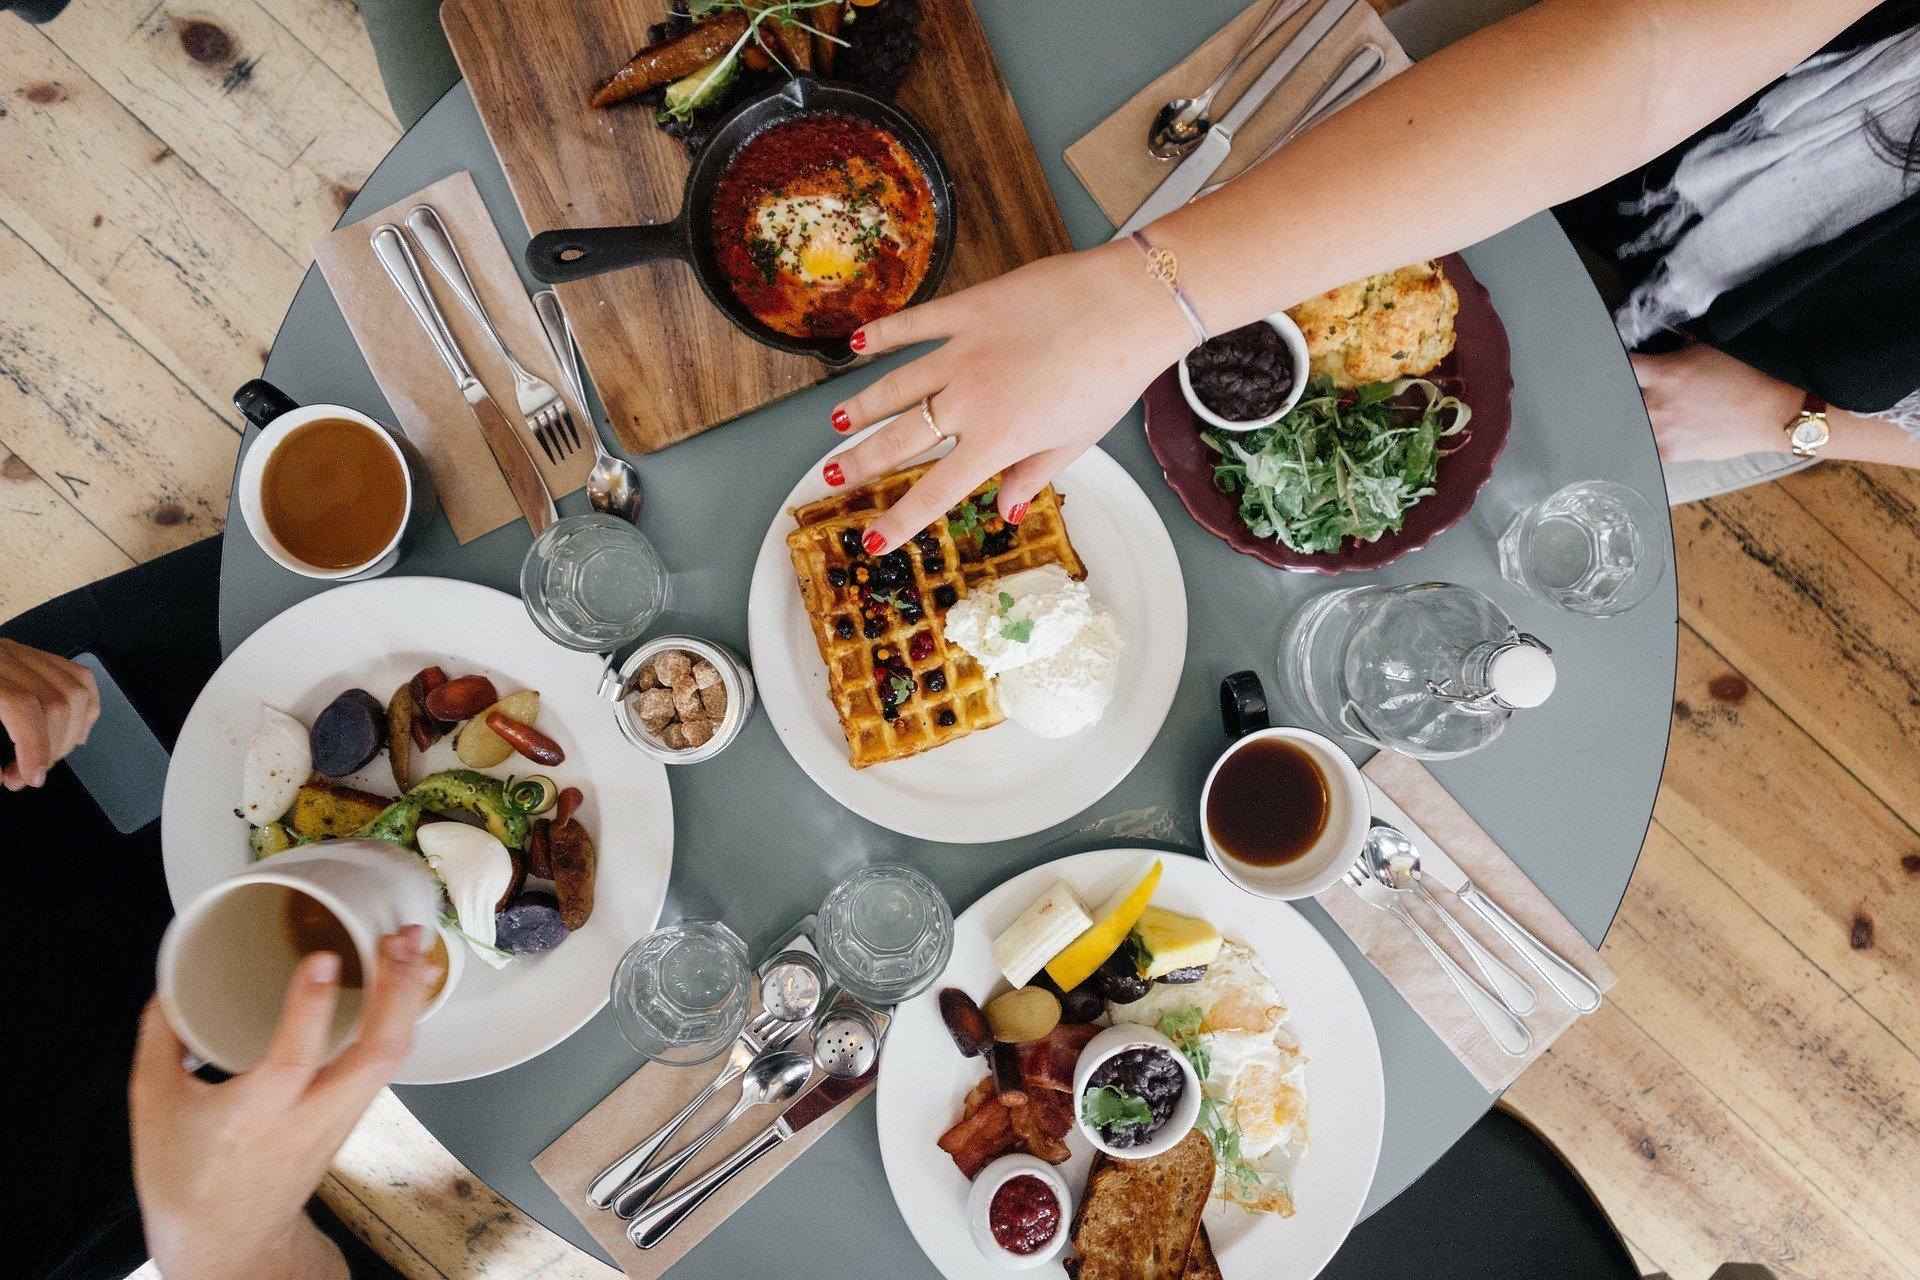 Už si nevíte rady, co dětem přichystat k snídani? Zkuste tyto chutné a zdravé recepty!